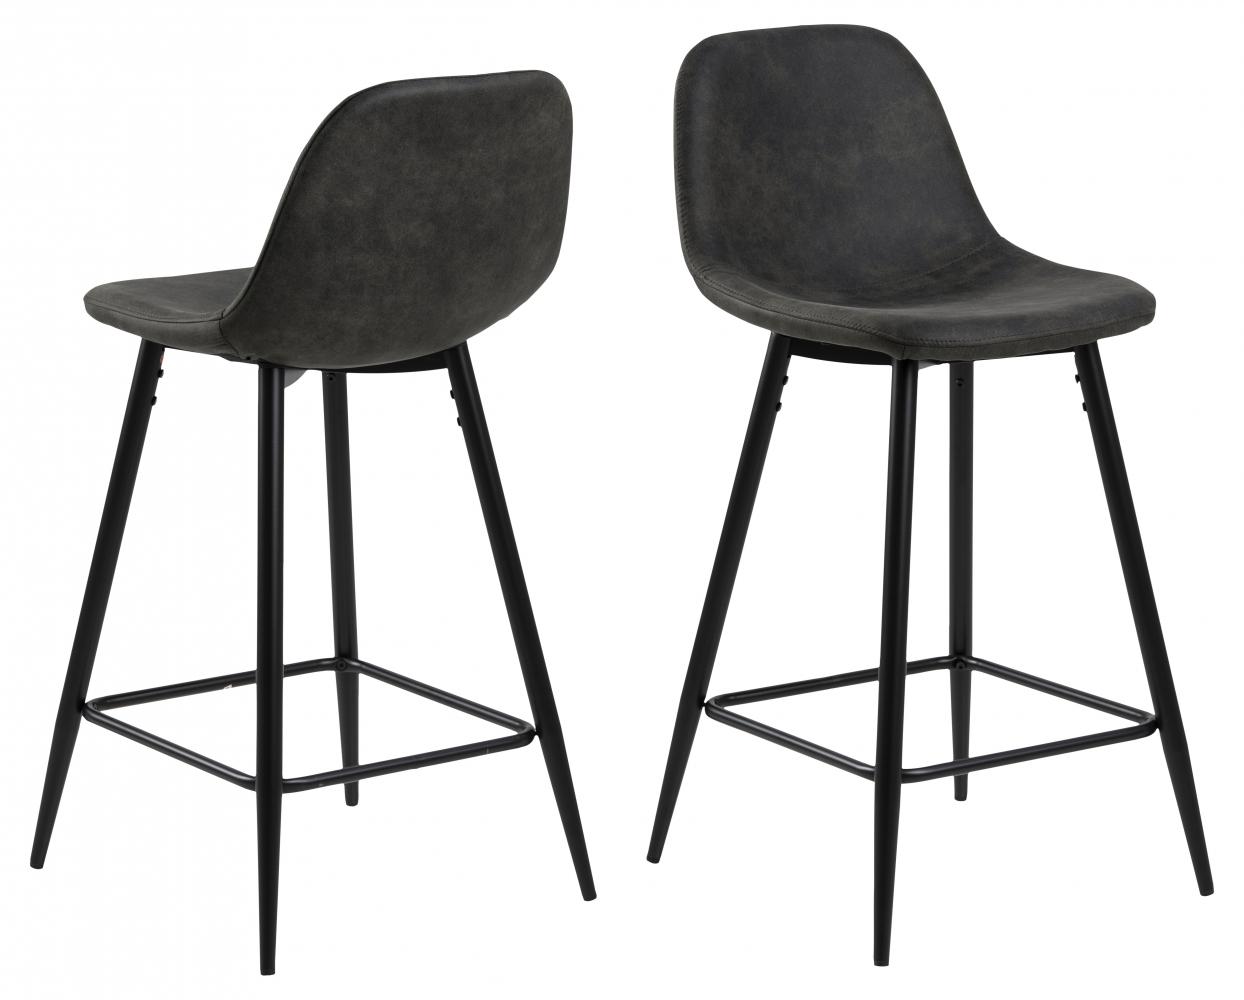 Barová židle Wilma (SET 2ks), tkanina, antracitová